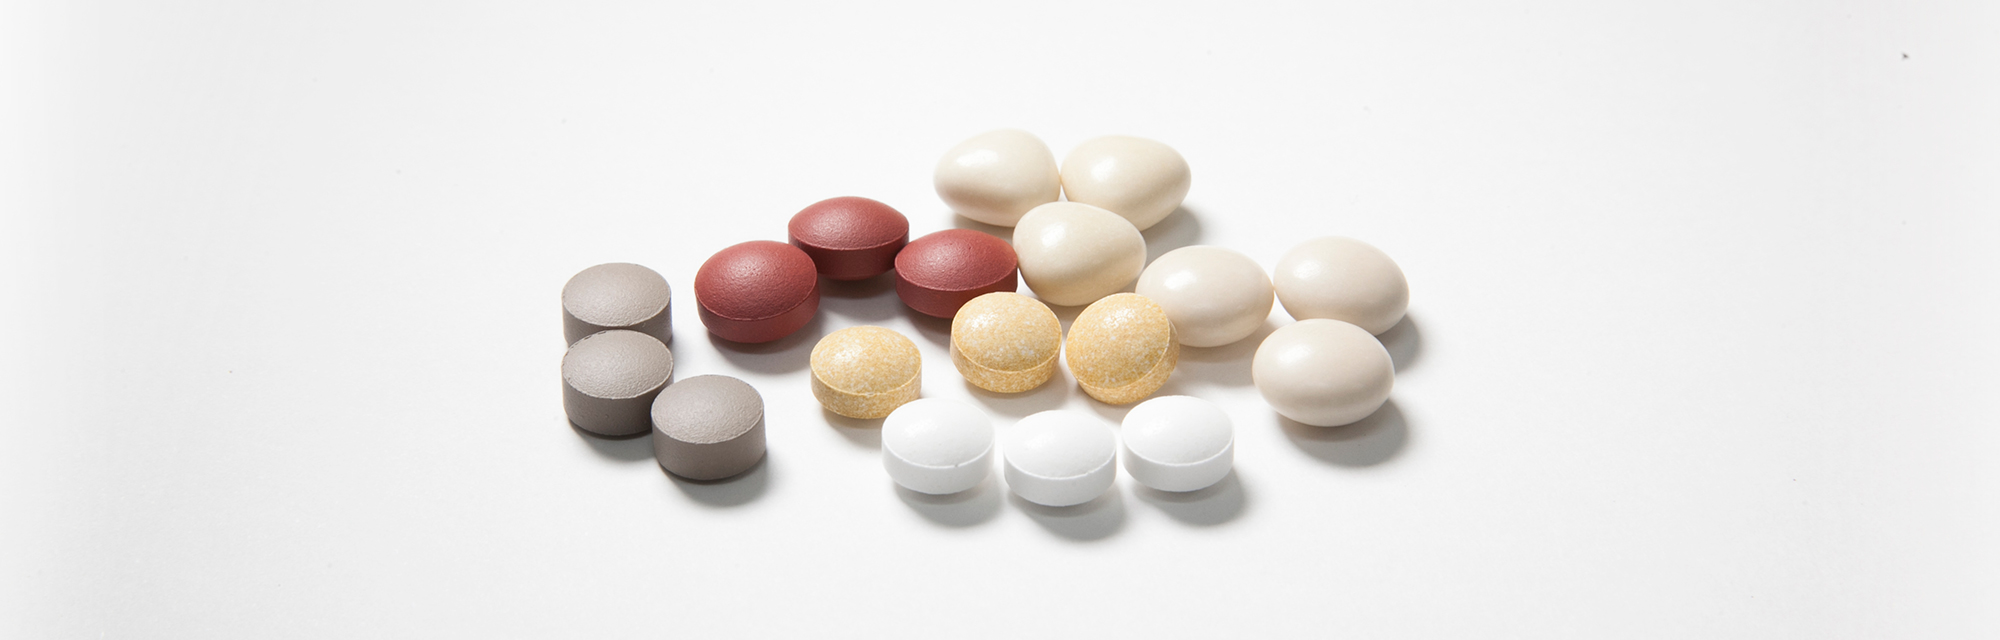 錠剤|株式会社三協